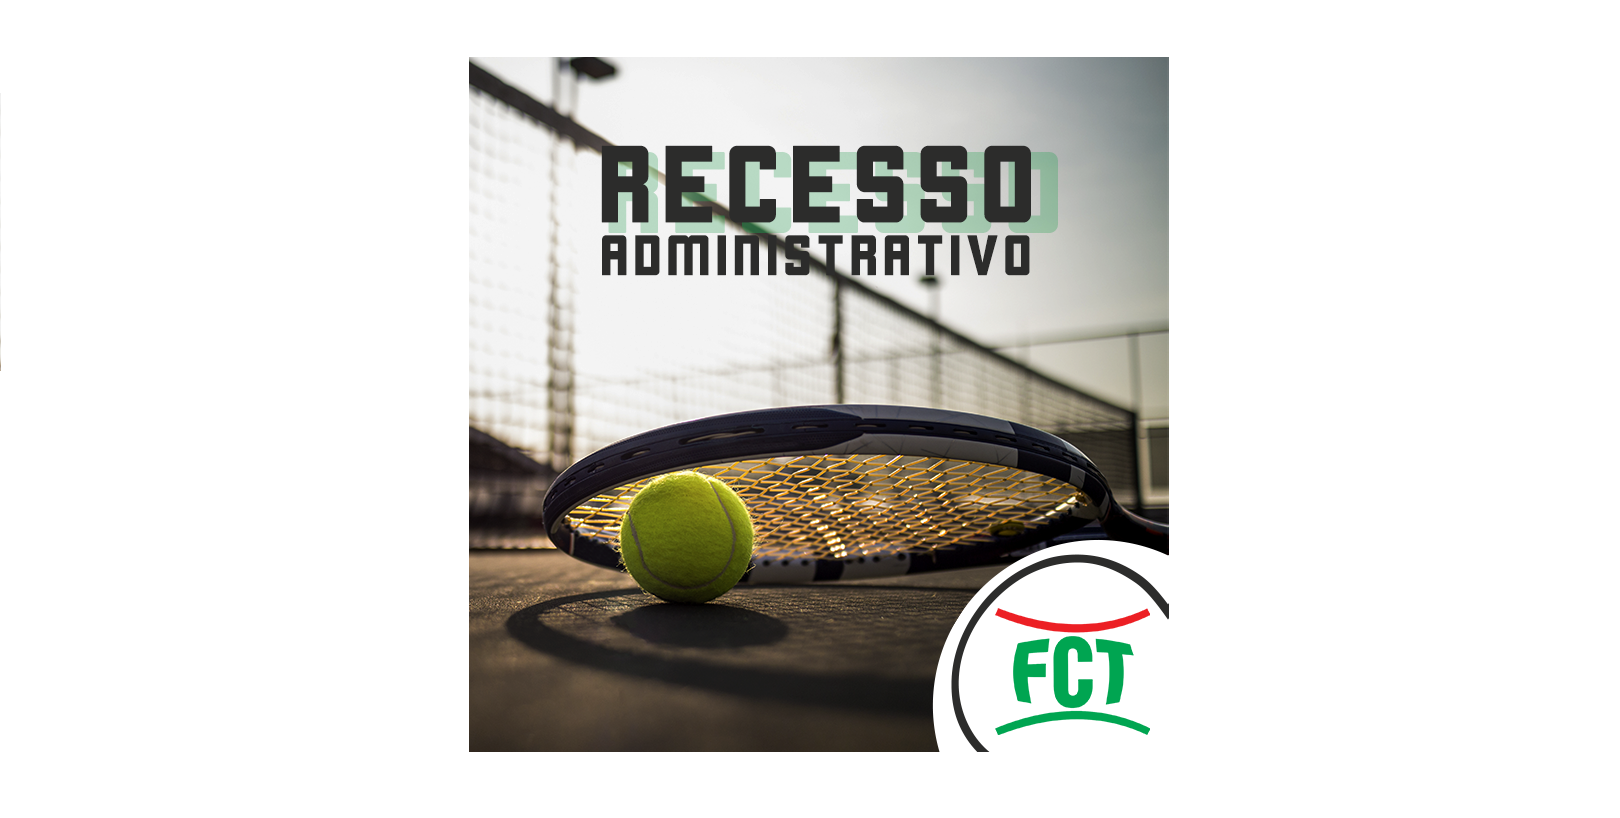 RECESSO ADMINISTRATIVO FCT